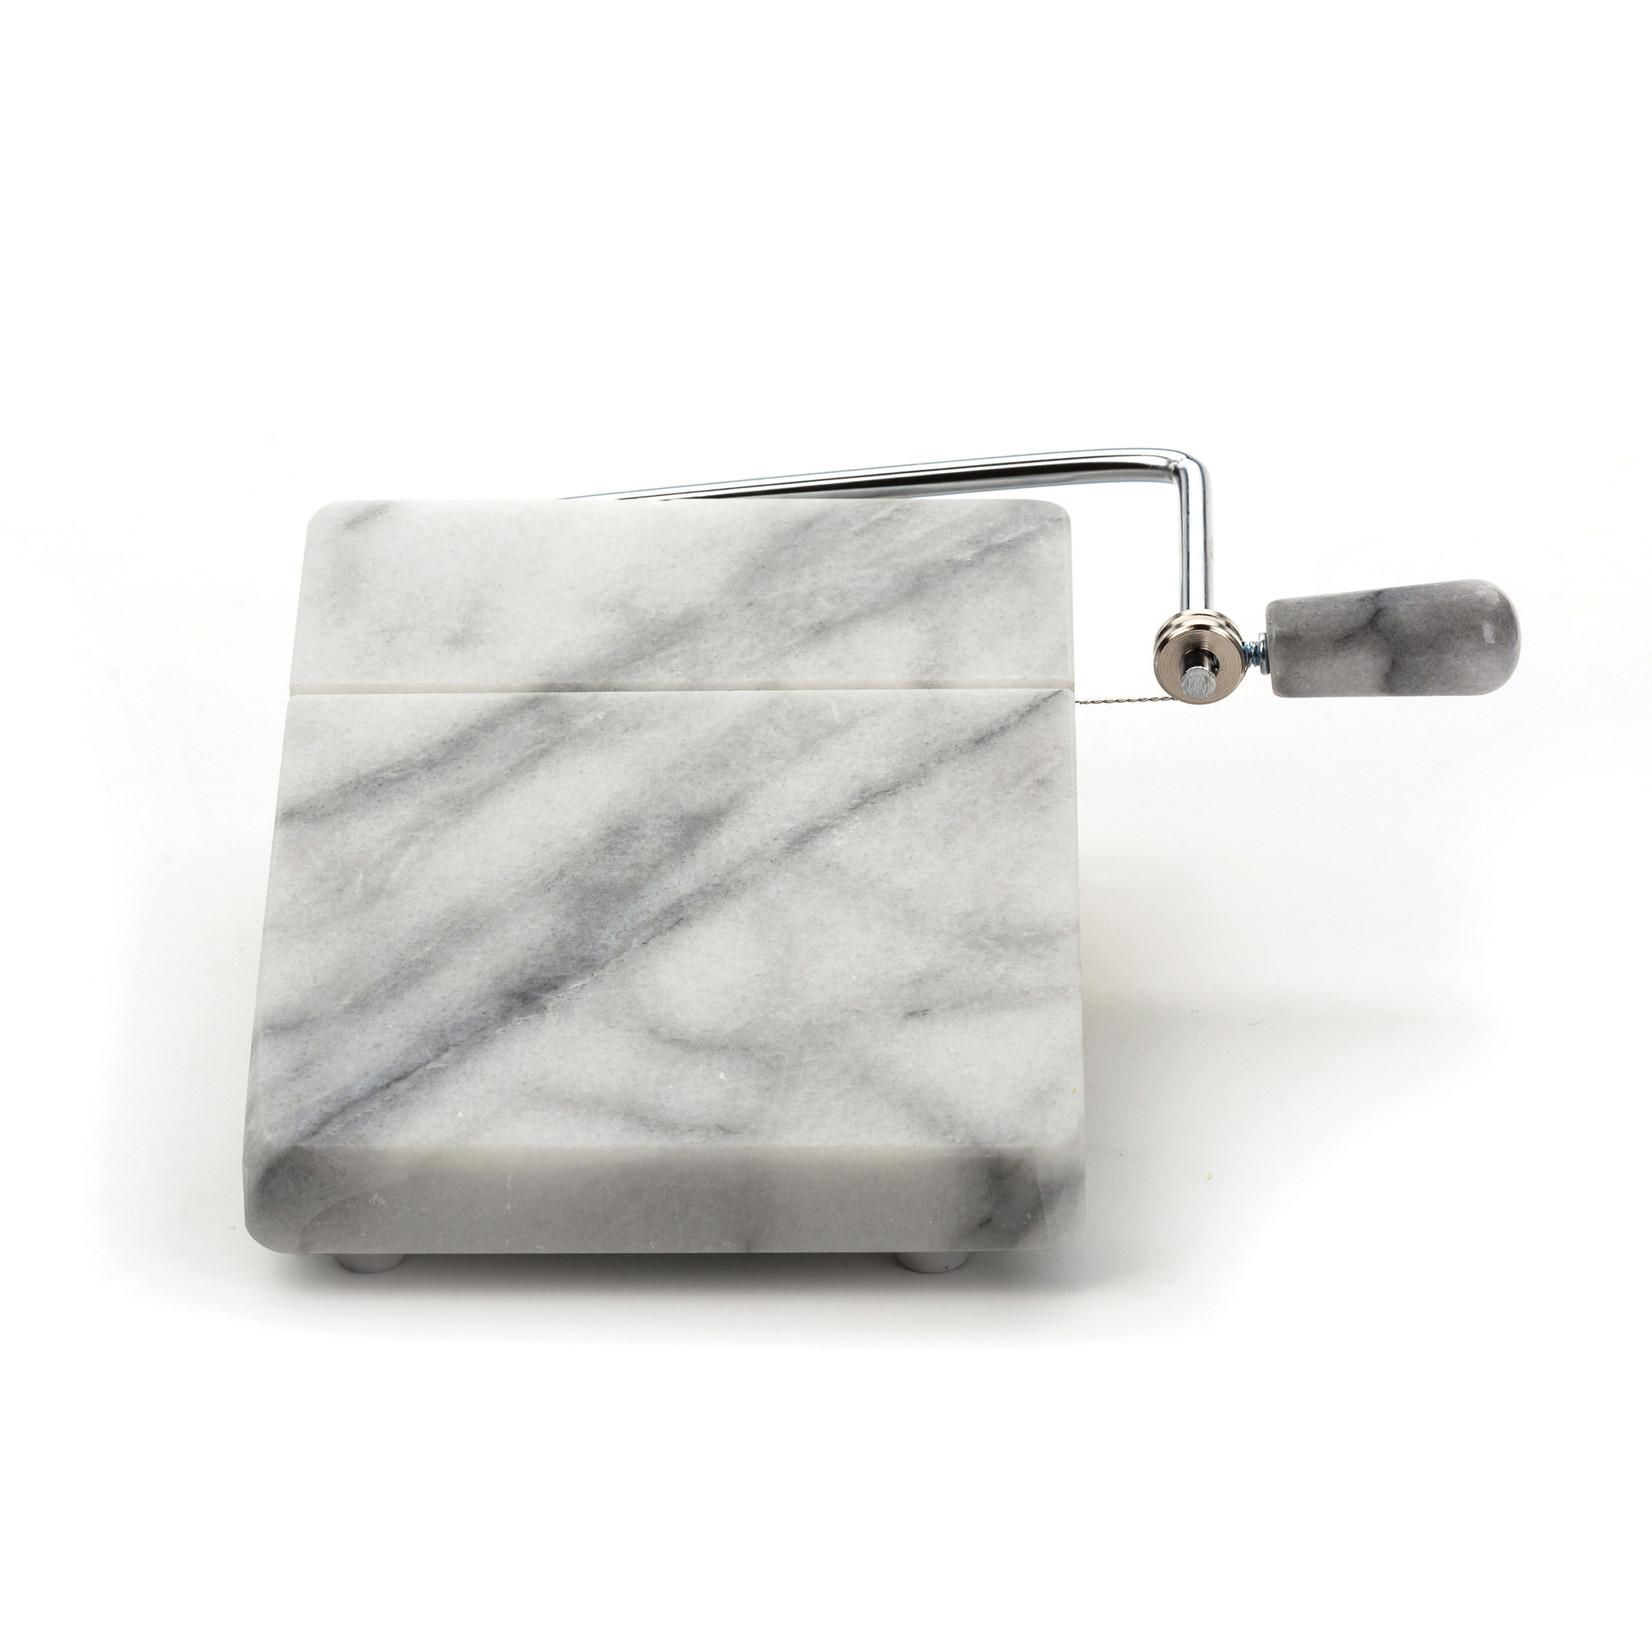 RSVP International White Marble Cheese Slicer